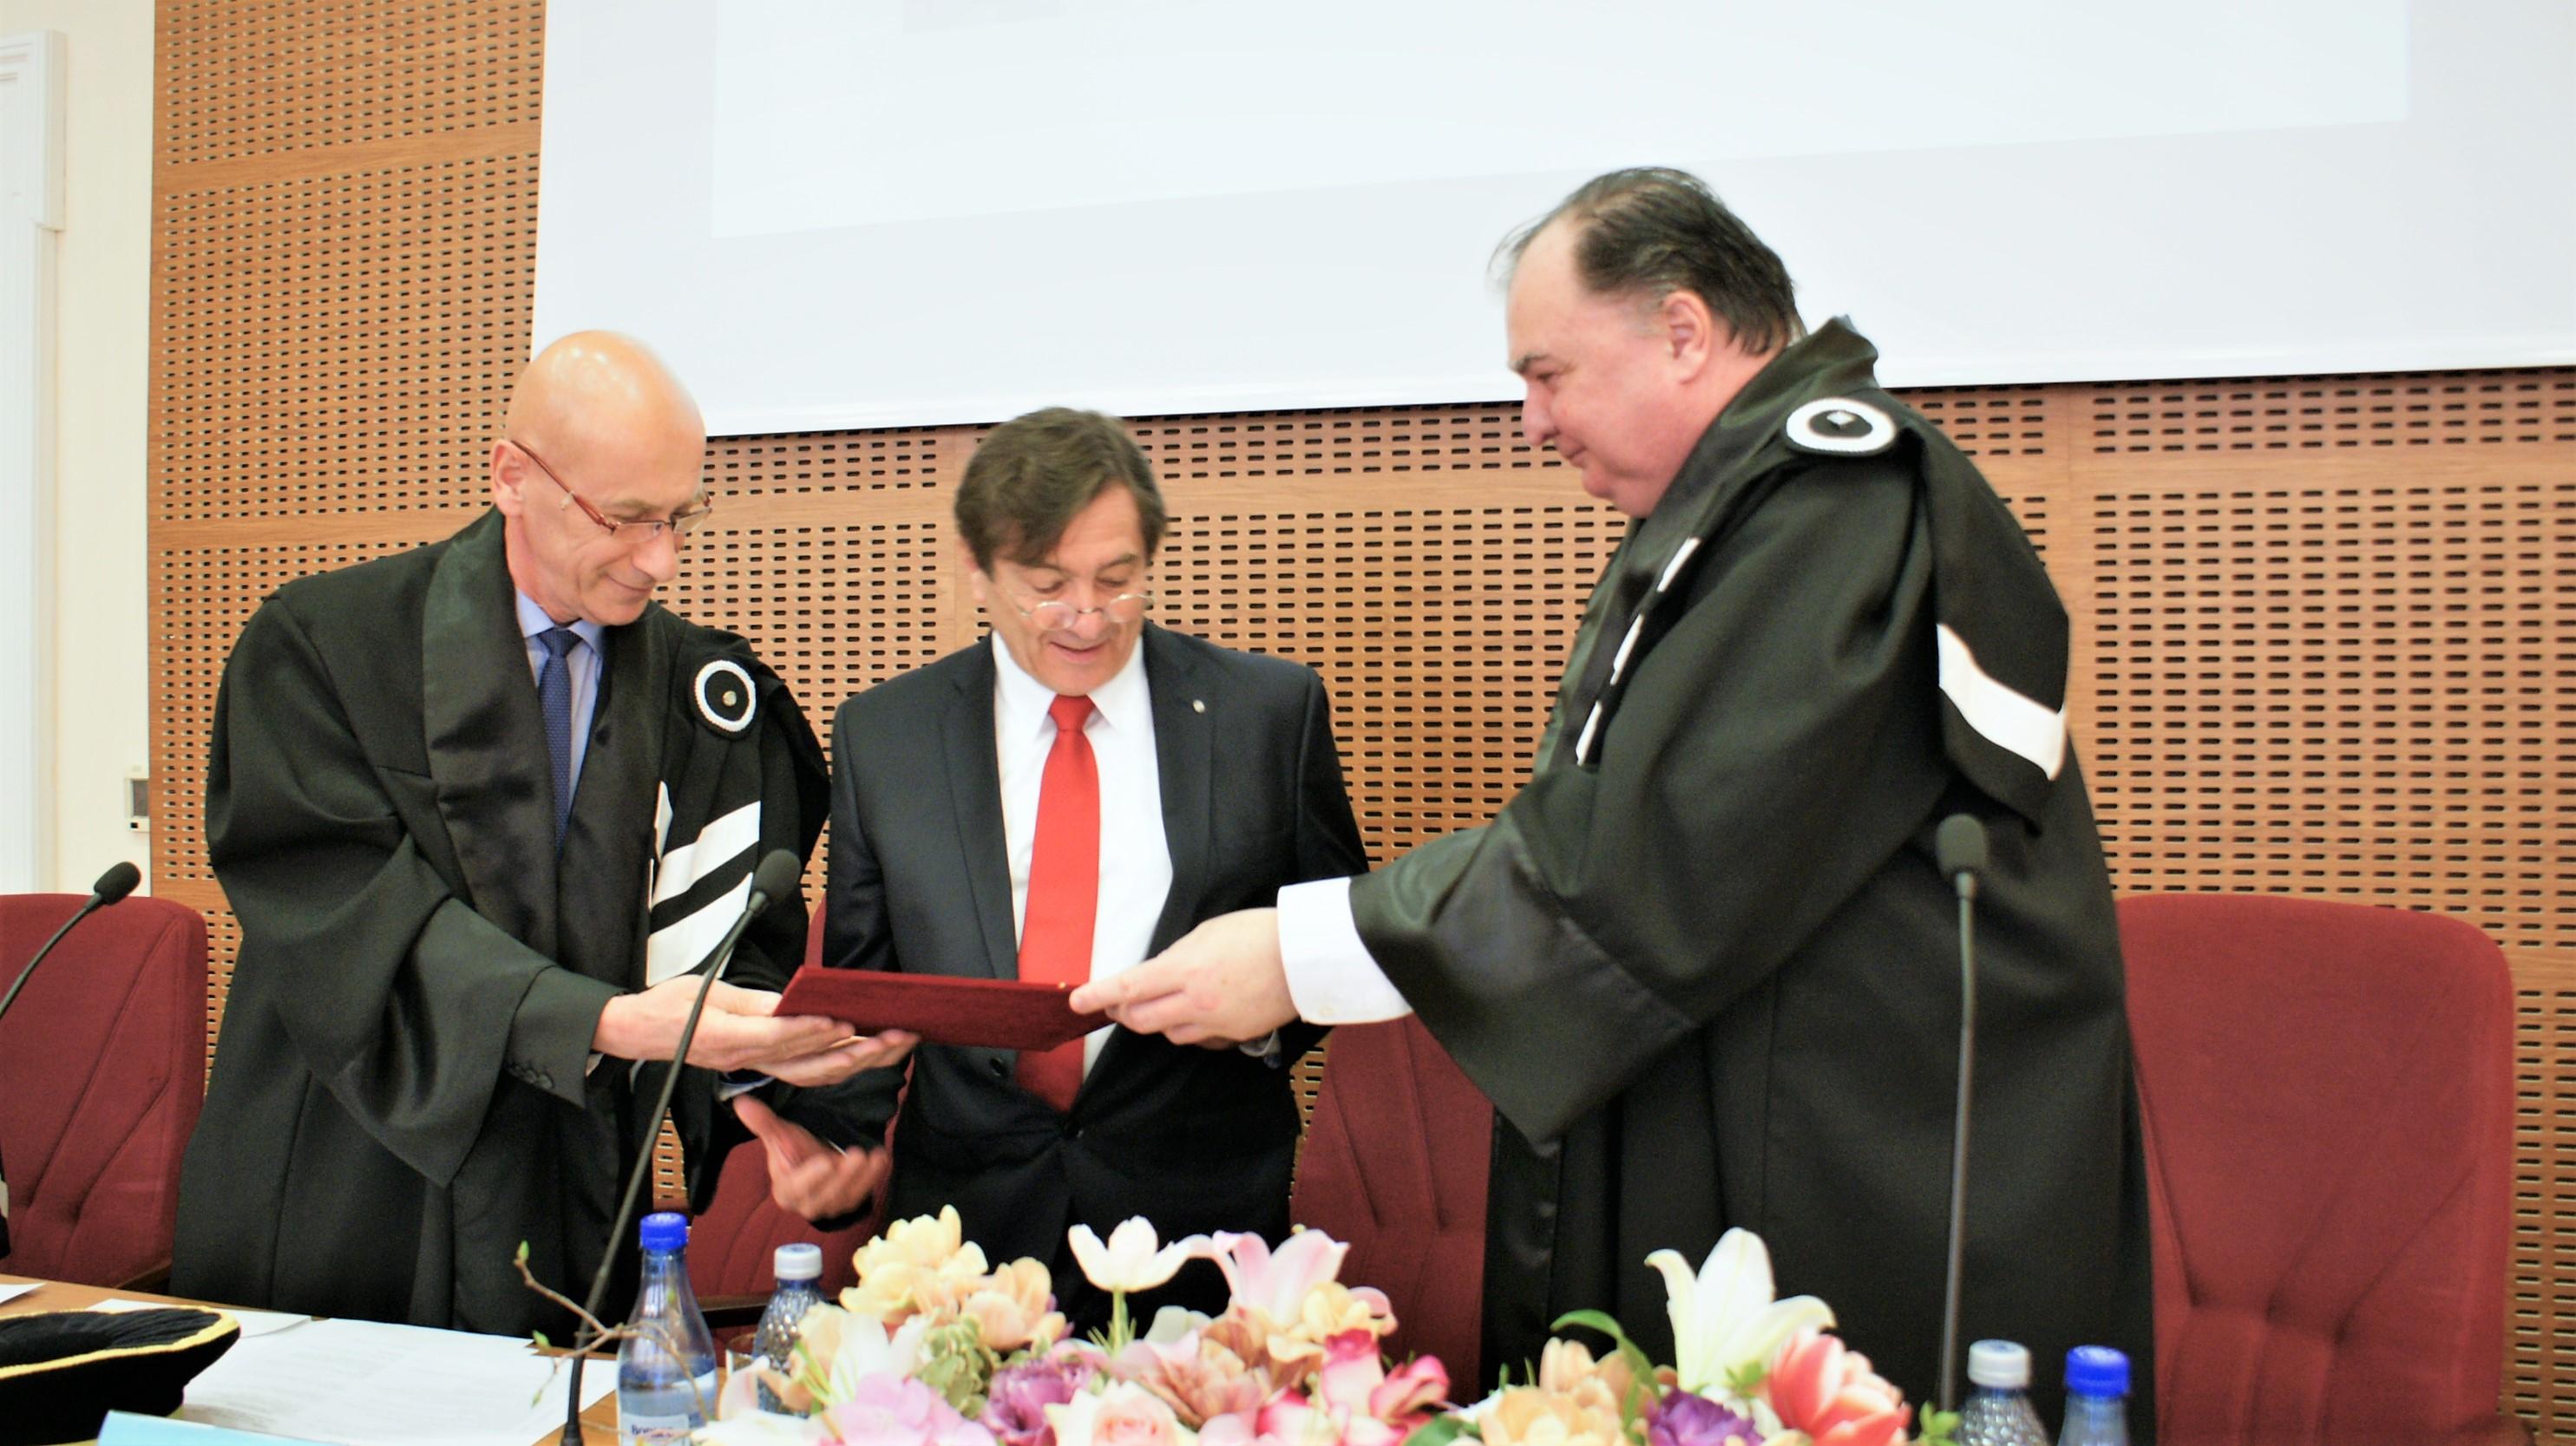 konrad f. kaschek a primit titlul de profesor onorific al universității tehnice din cluj-napoca